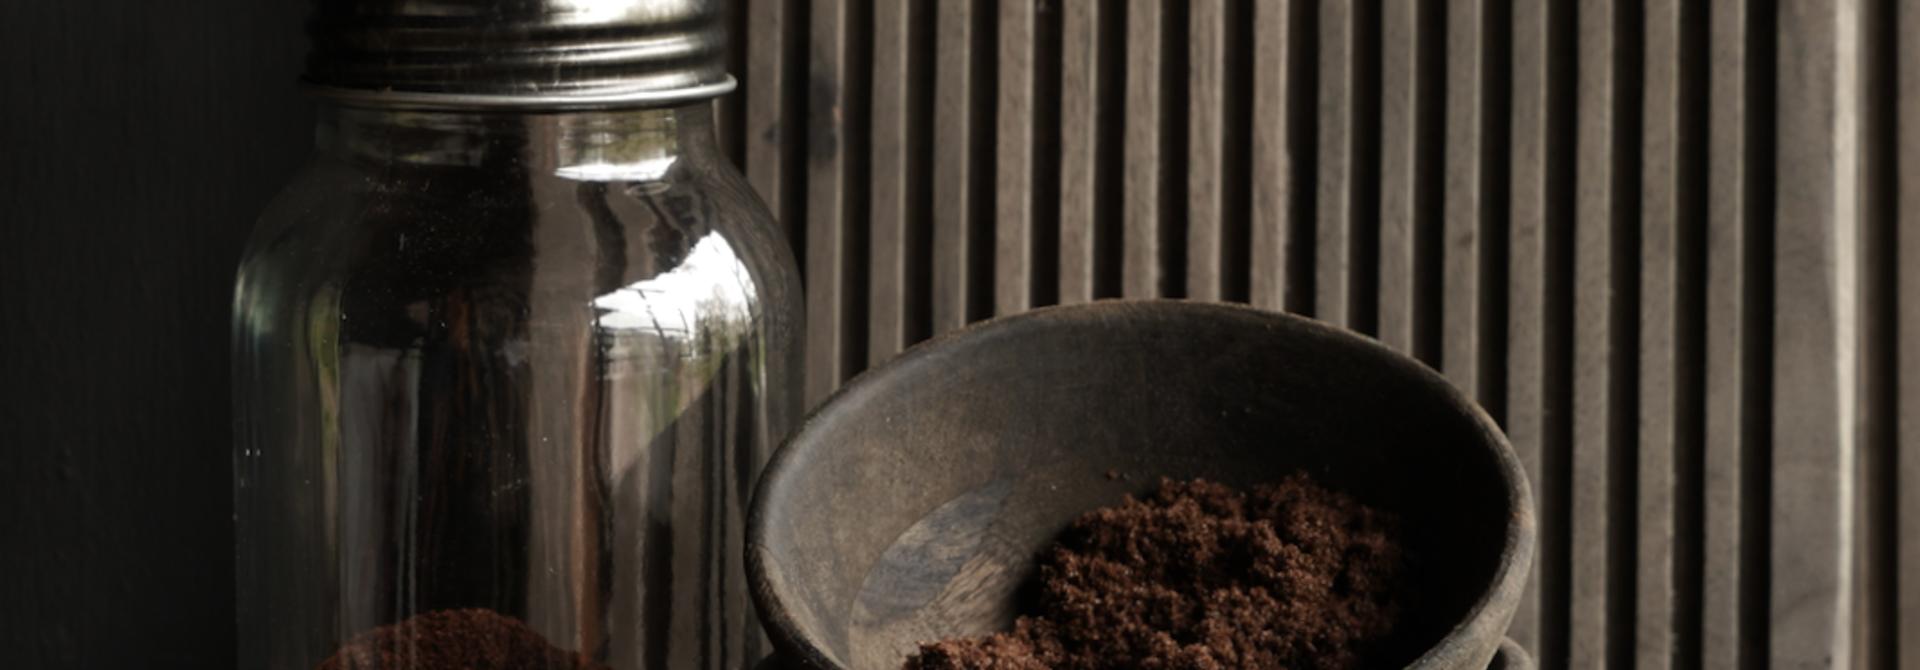 Koffie molen /voorraadpot